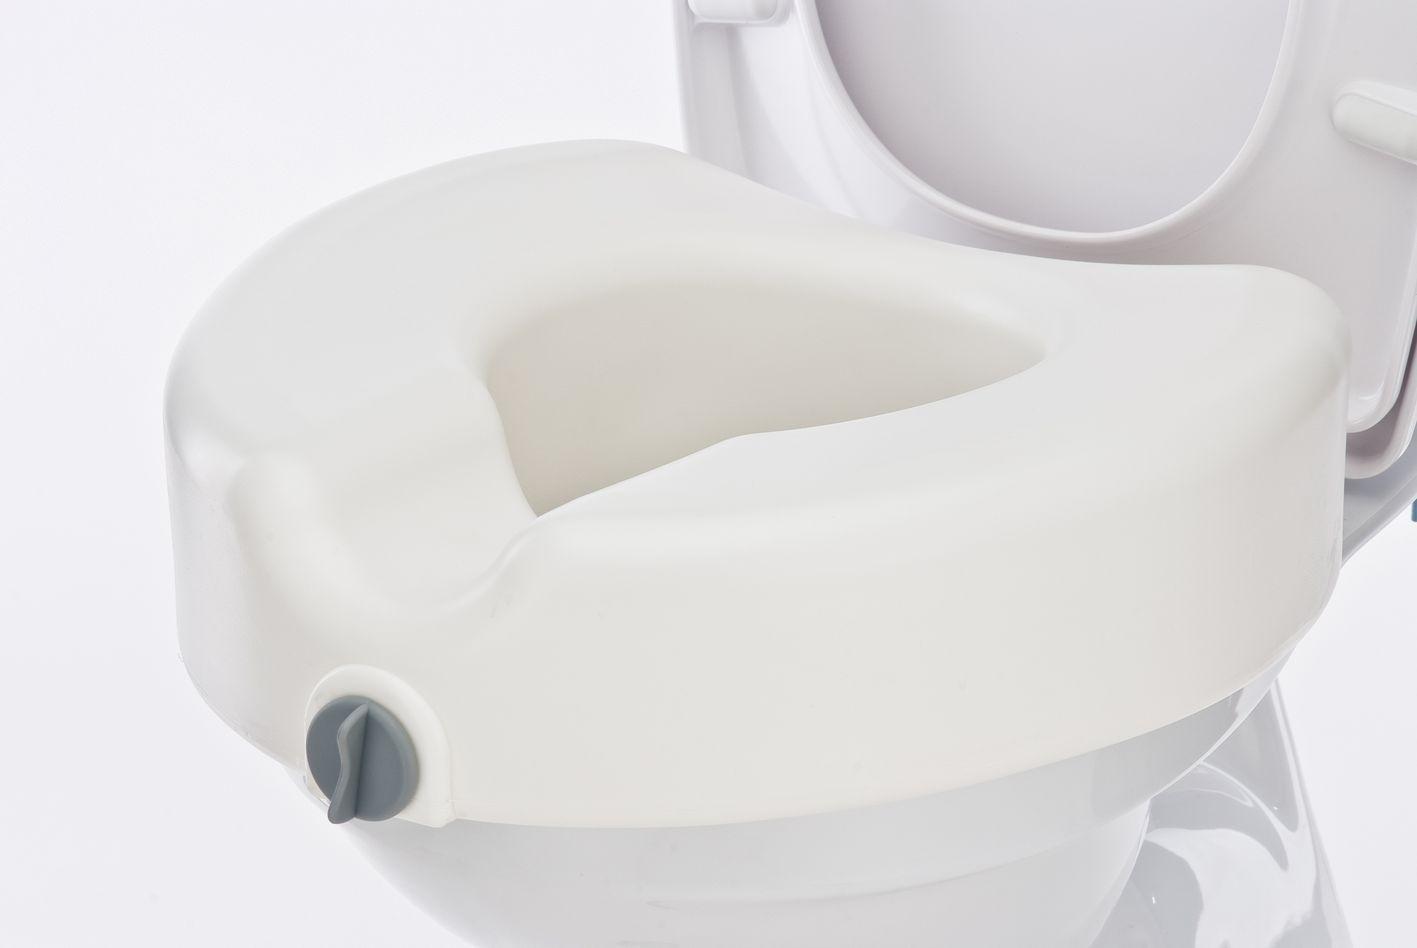 Насадка для туалета Armed1